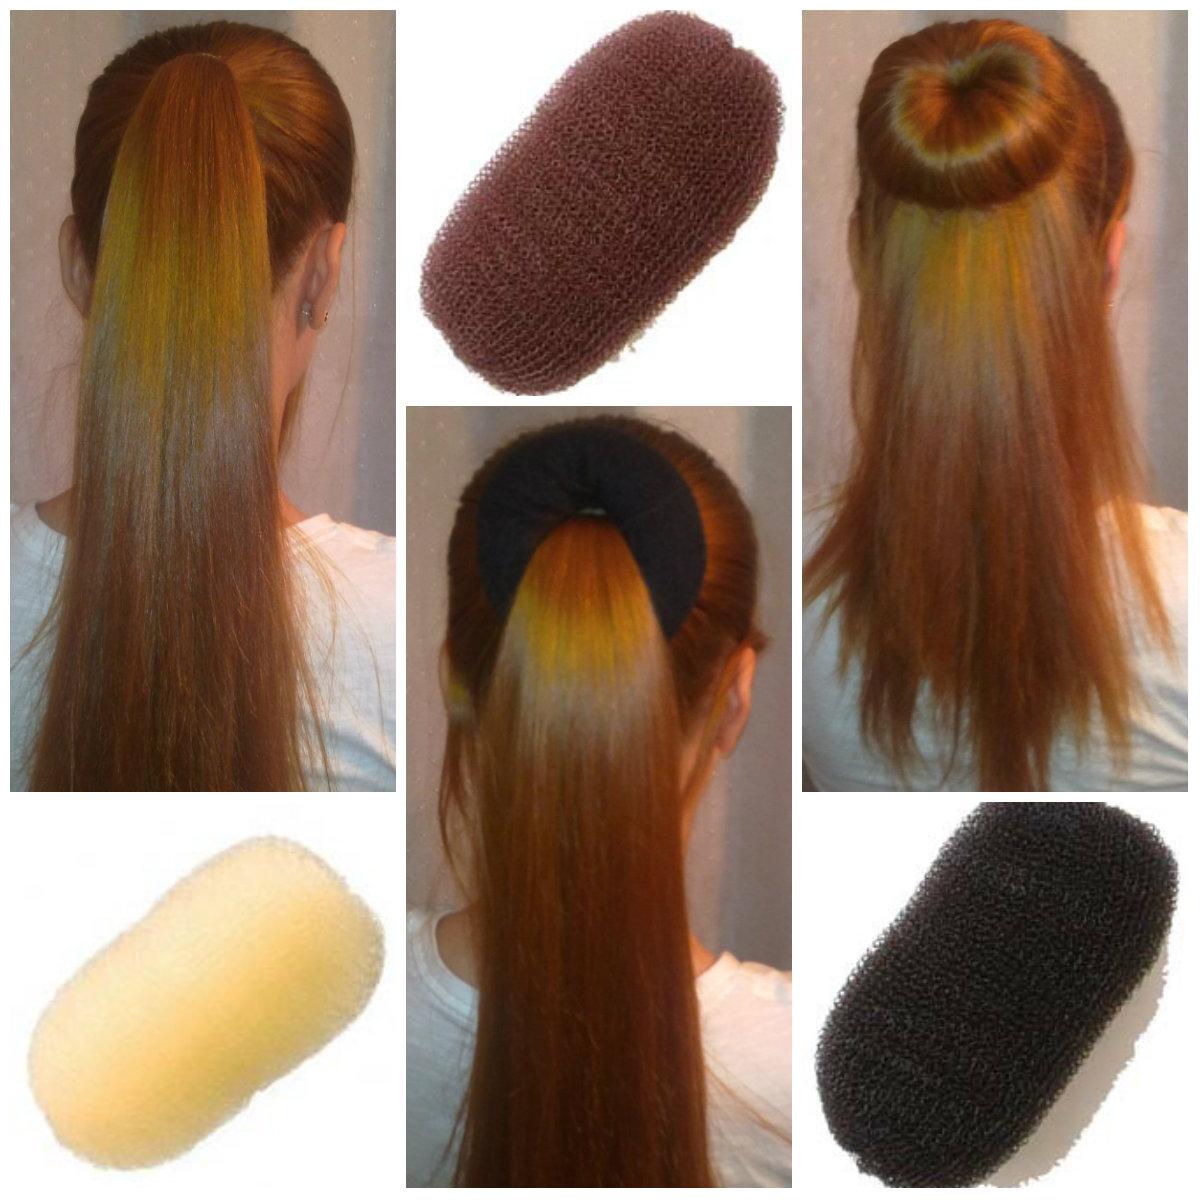 Как выглядит подклад из волос